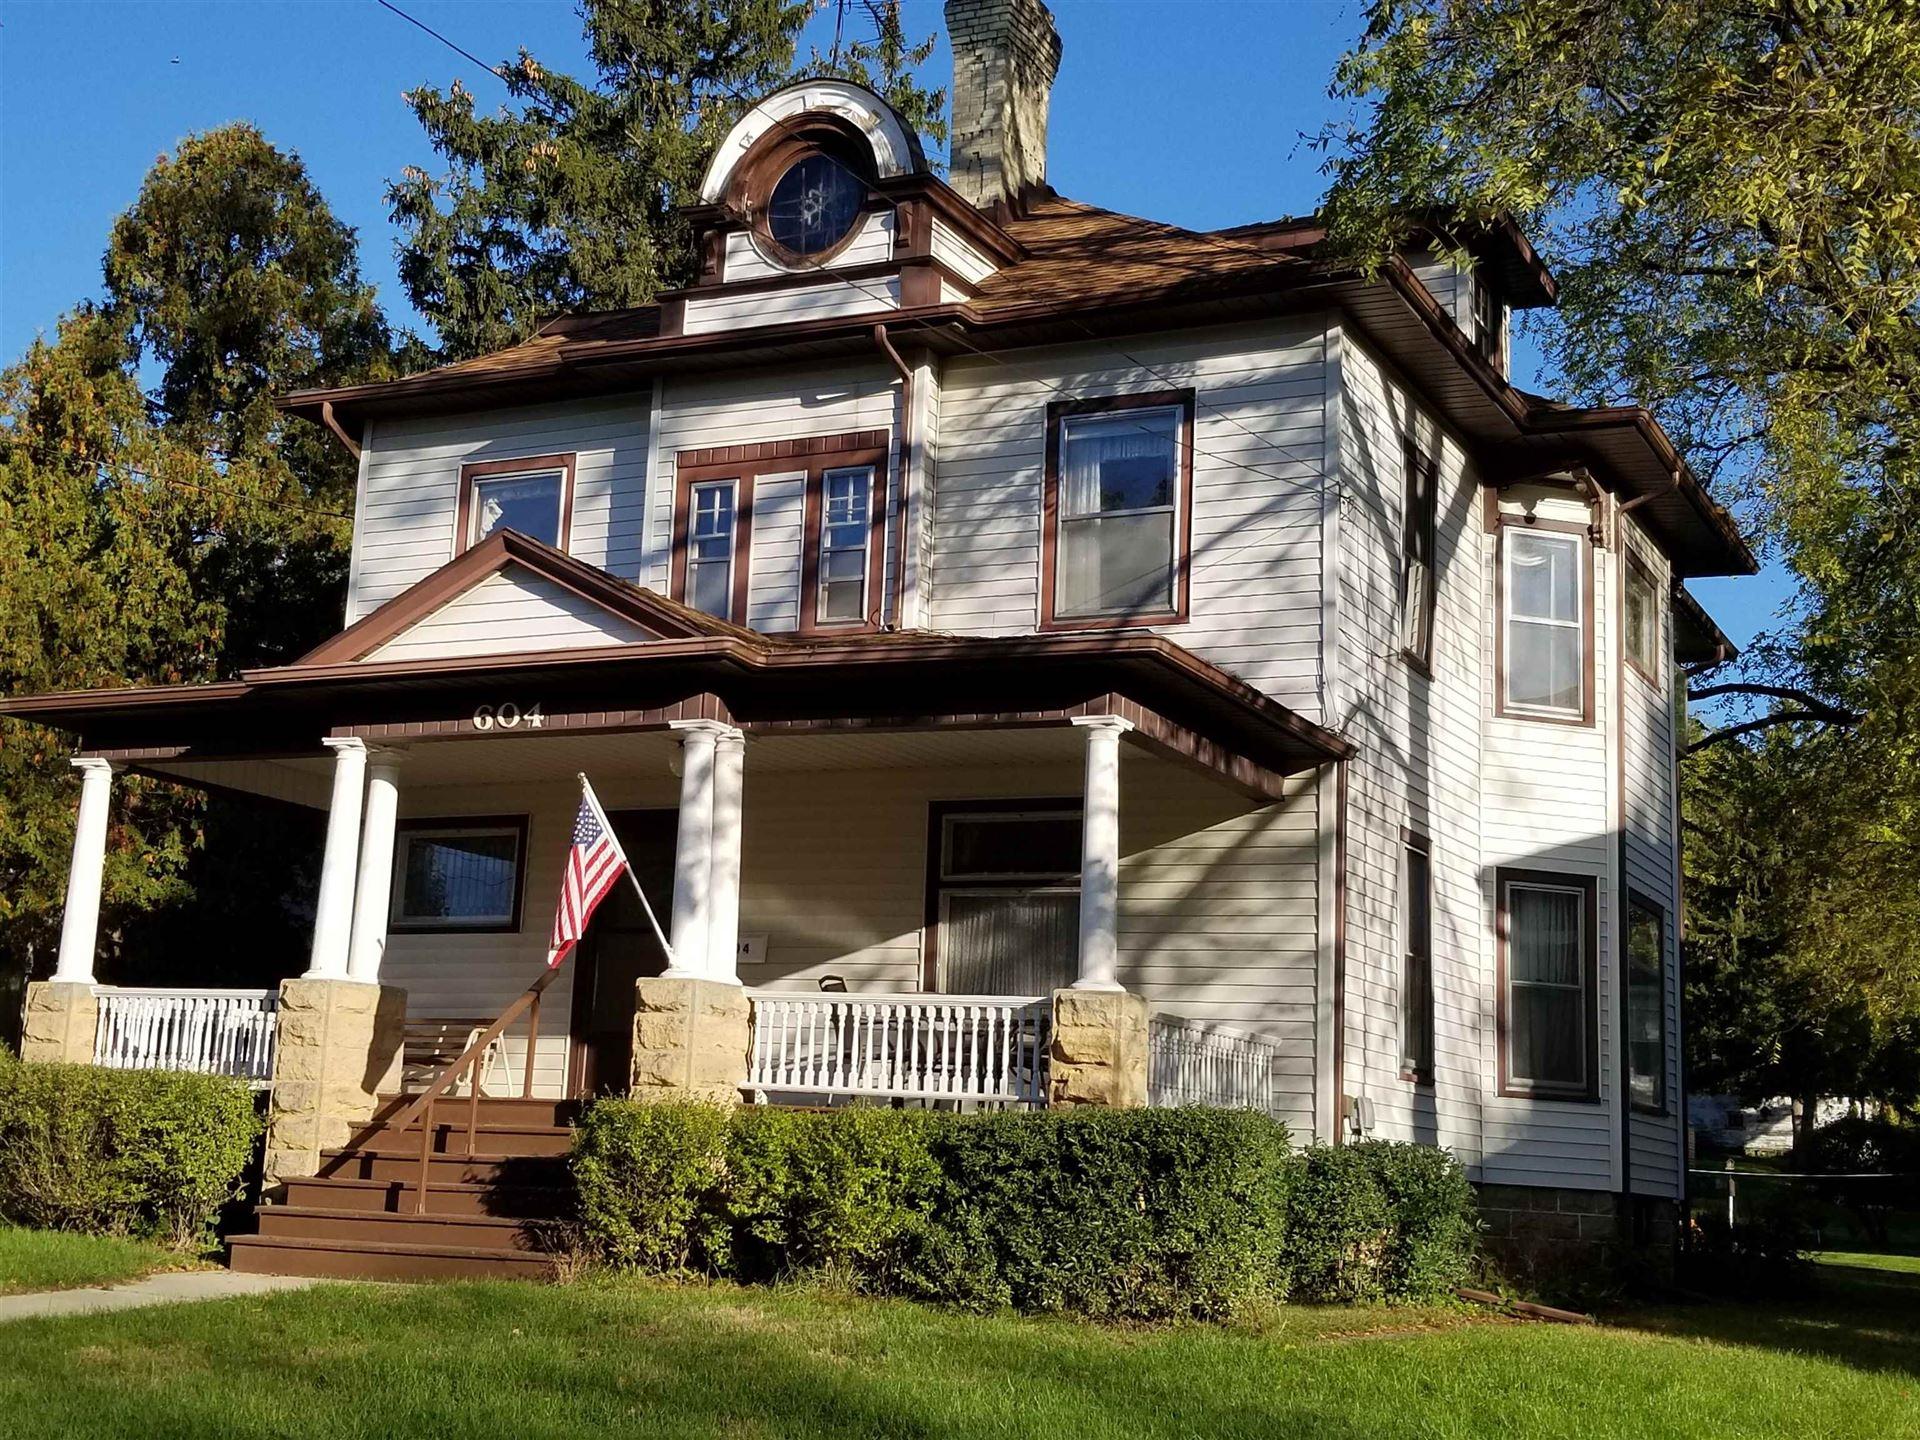 604 Washington St, Edgerton, WI 53534 - #: 1921618